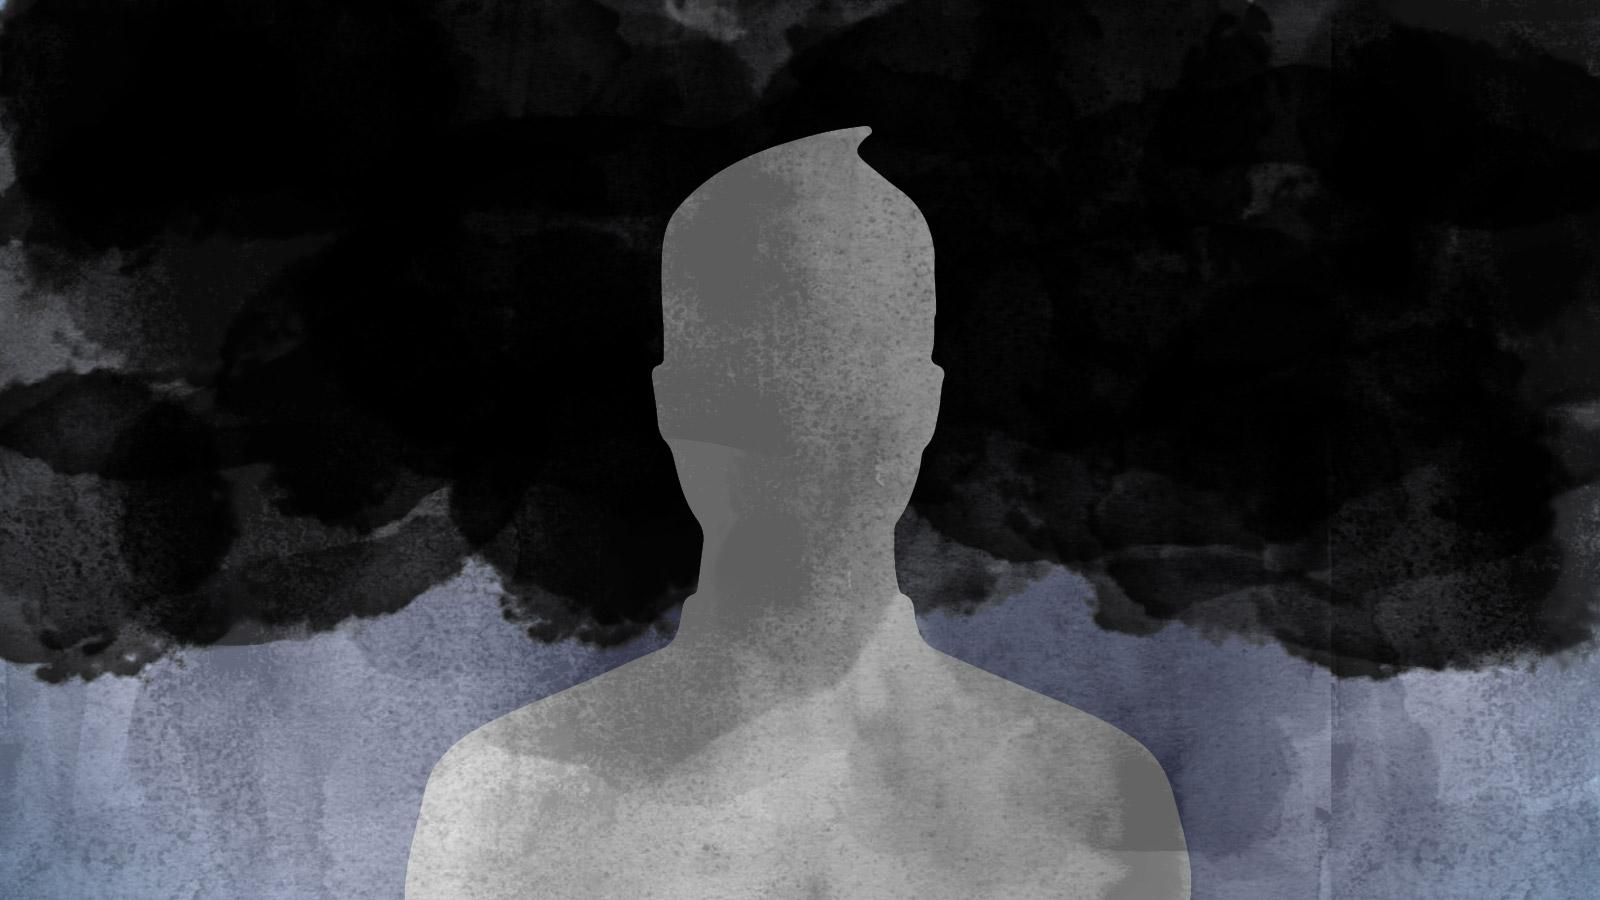 μαύρο πορνό φωτογραφία com